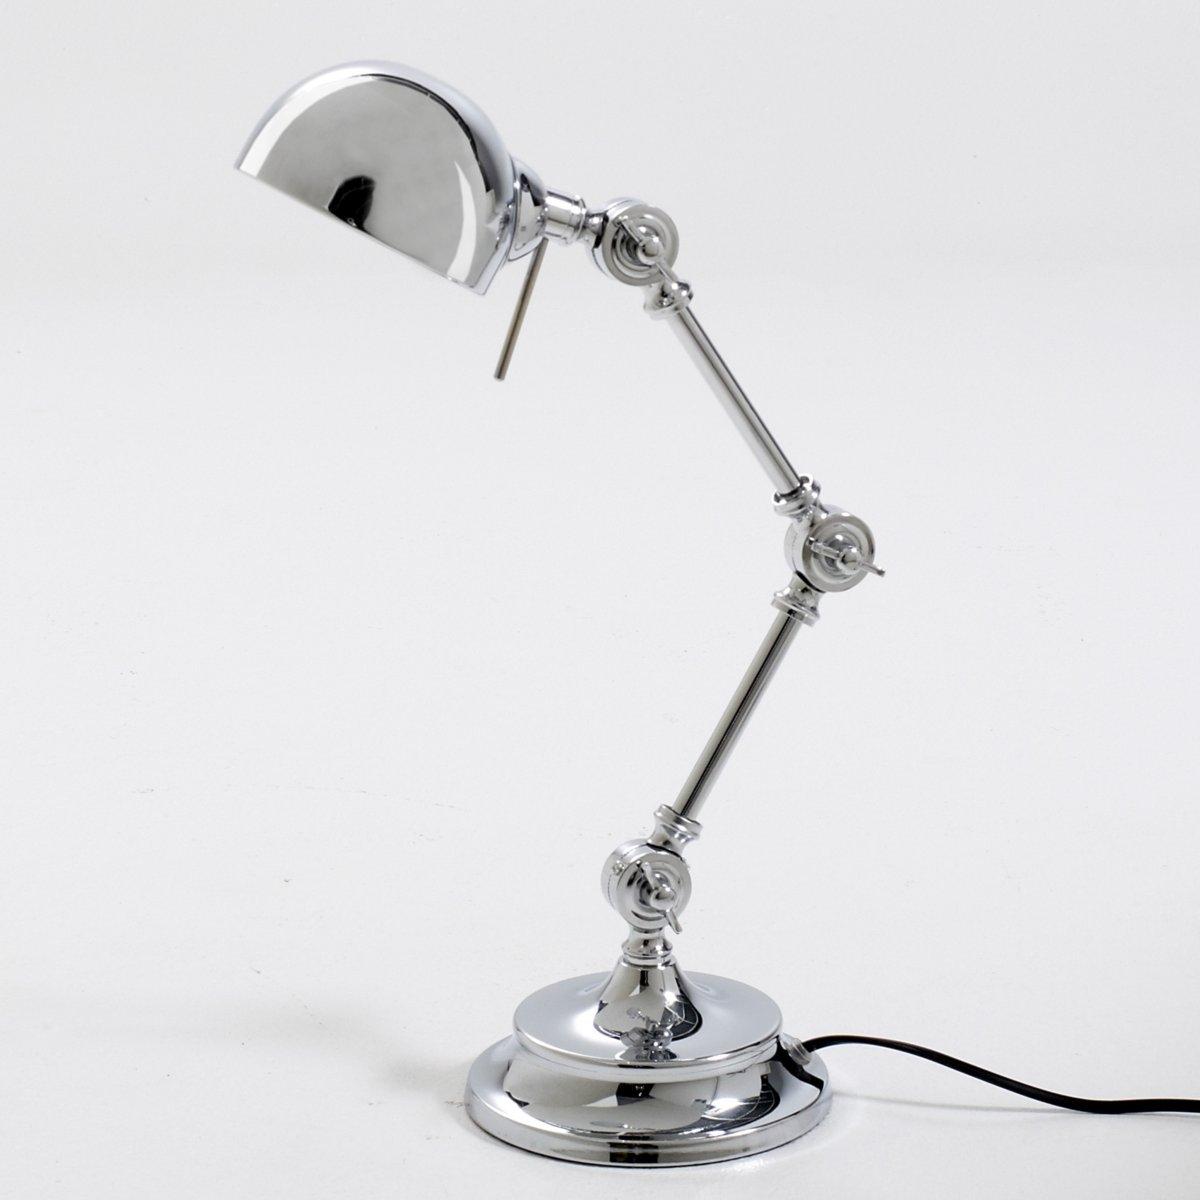 Лампа настольная из металла в промышленном стиле, KikanОписание настольной лампы из металла в промышленном стиле Kikan :Раздвижной кронштейн из 3 регулируемых шарниров. Патрон E14 для компактной флуоресцентной лампы макс. 7 Вт (продается отдельно). Настольная лампа из металла в промышленном стиле совместима с лампами класса энергопотребления : A.  Характеристики настольной лампы из металла в промышленном стиле Kikan :Из металлаХромированное покрытие черного цвета или цвета синий деним. Всю коллекцию светильников вы можете найти на сайте laredoute.ru.  Размеры настольной лампы из металла в промышленном стиле Kikan :Подставка :Диаметр : 16 смАбажур : Диаметр : 11,5 смОбщие размеры :Высота : 40 см.<br><br>Цвет: серый хромированный,черный